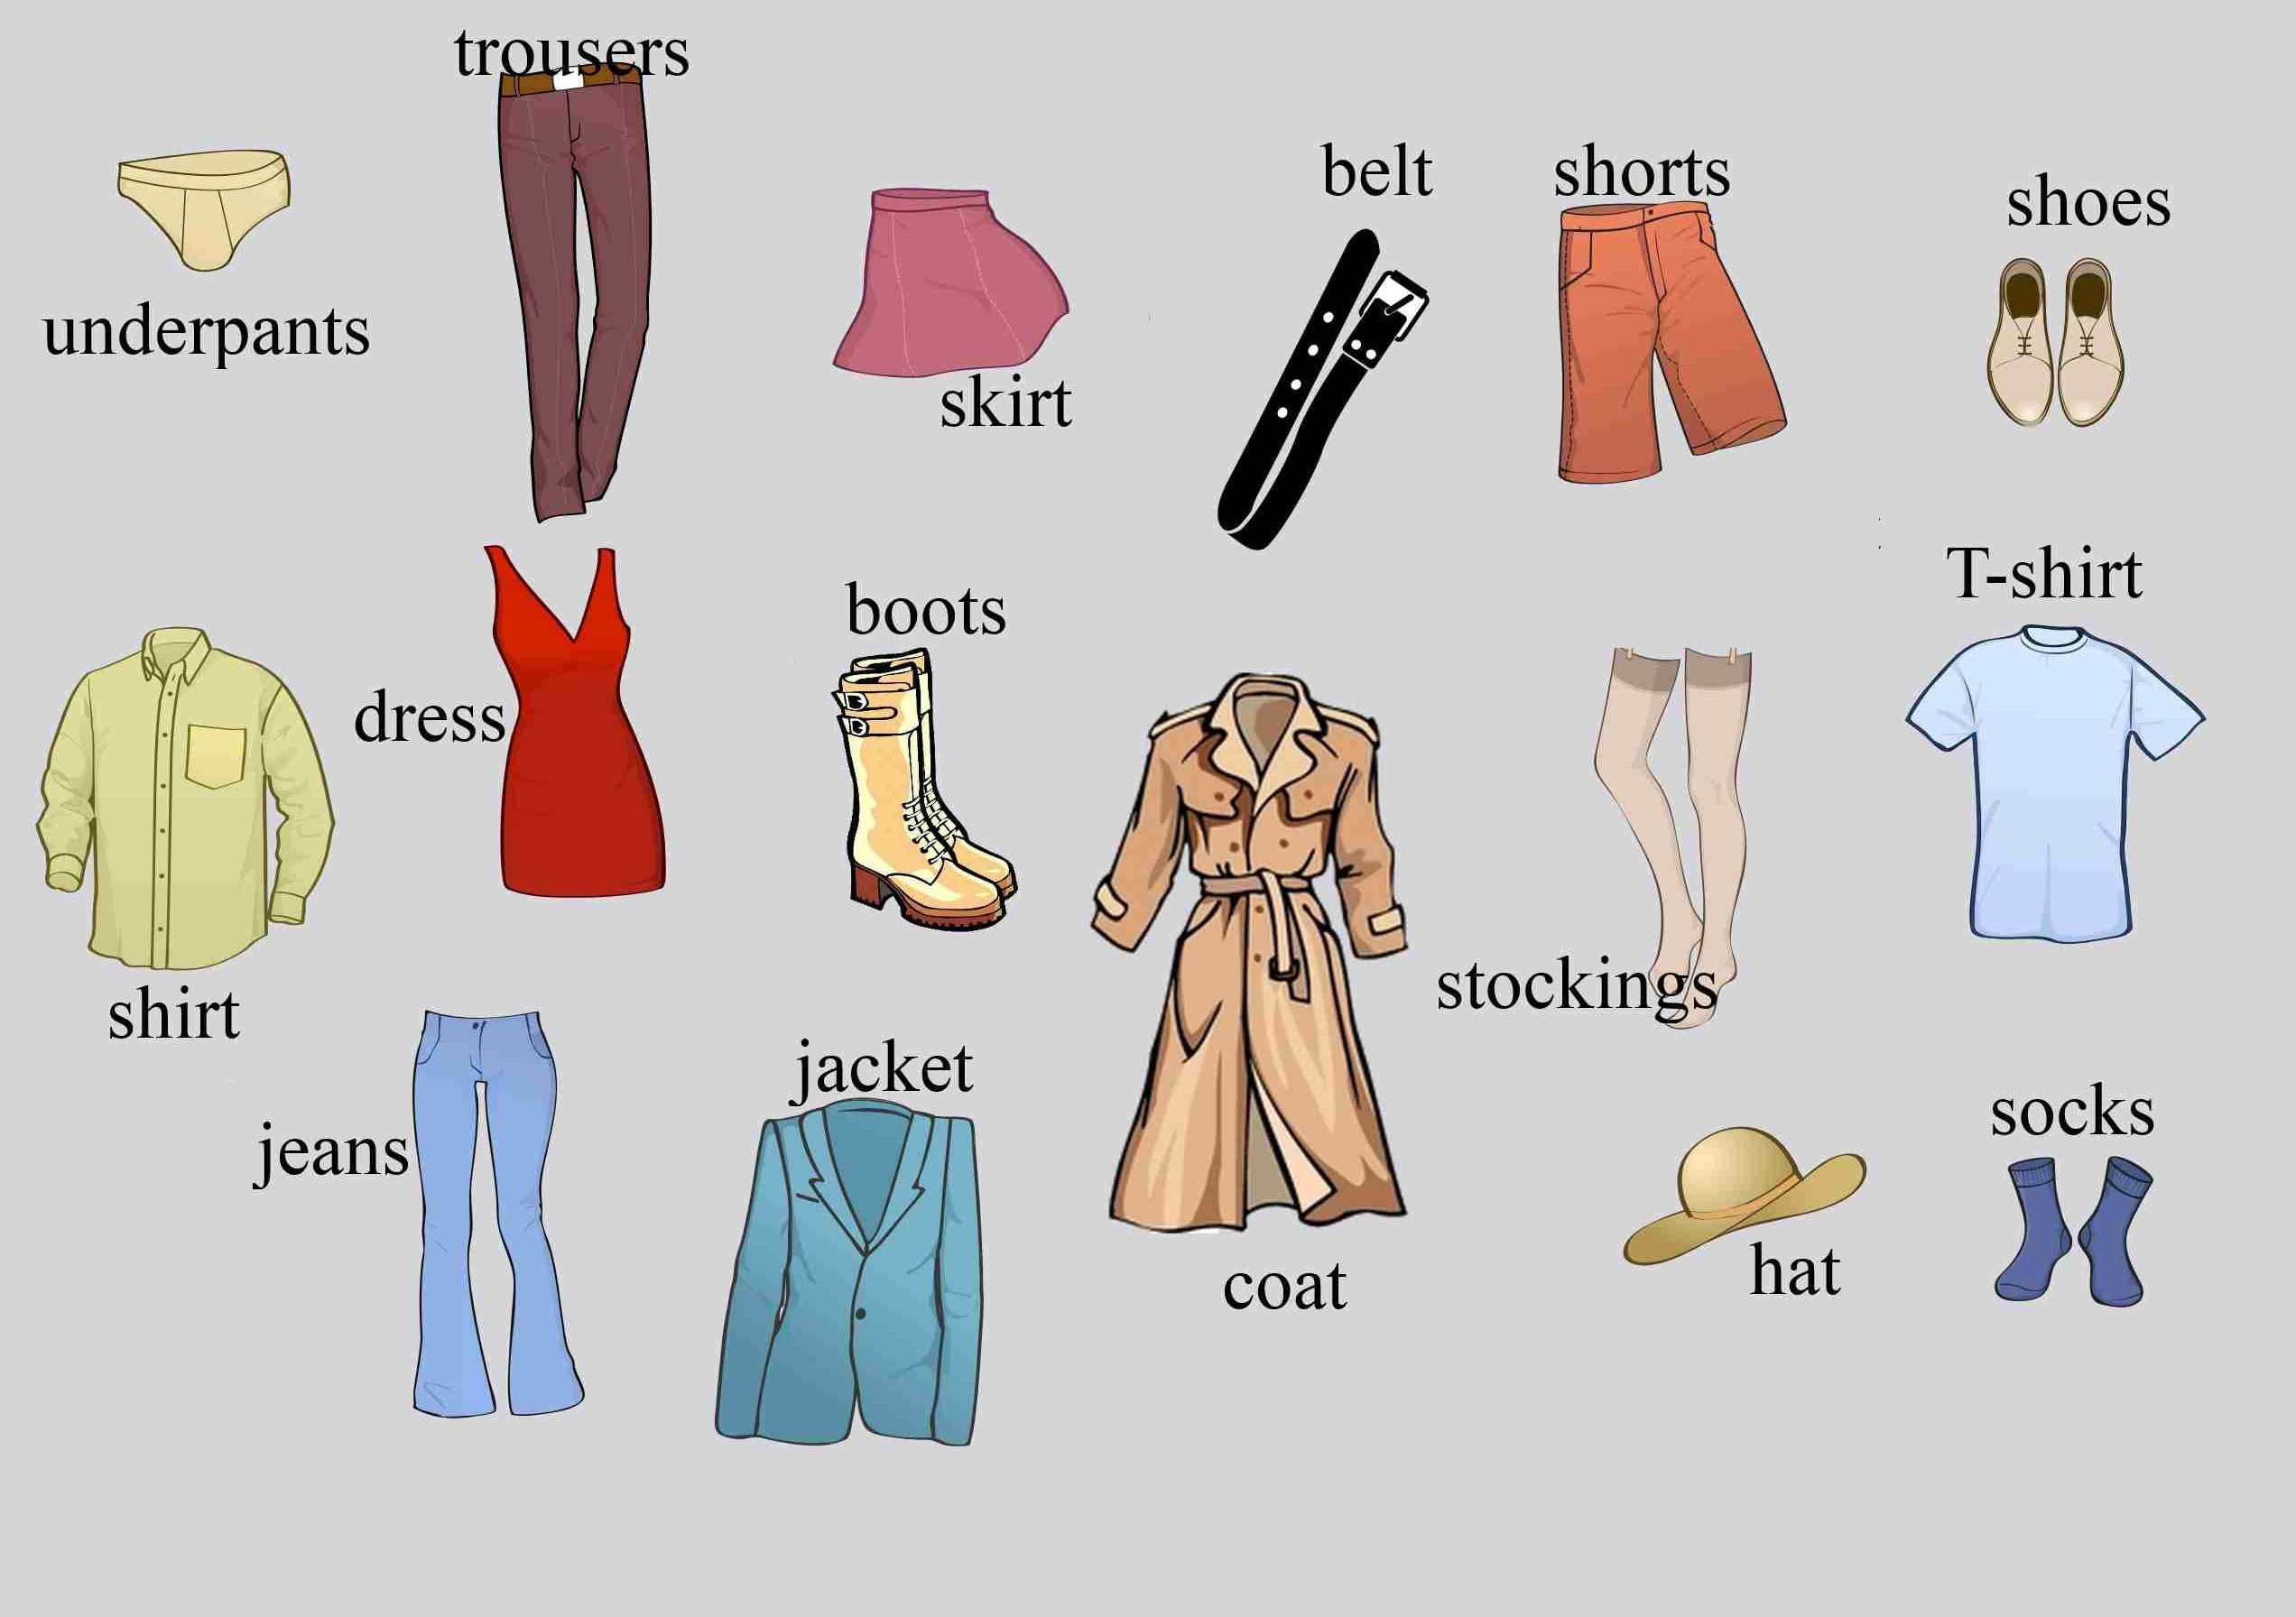 Đồng phục trong tiếng Anh